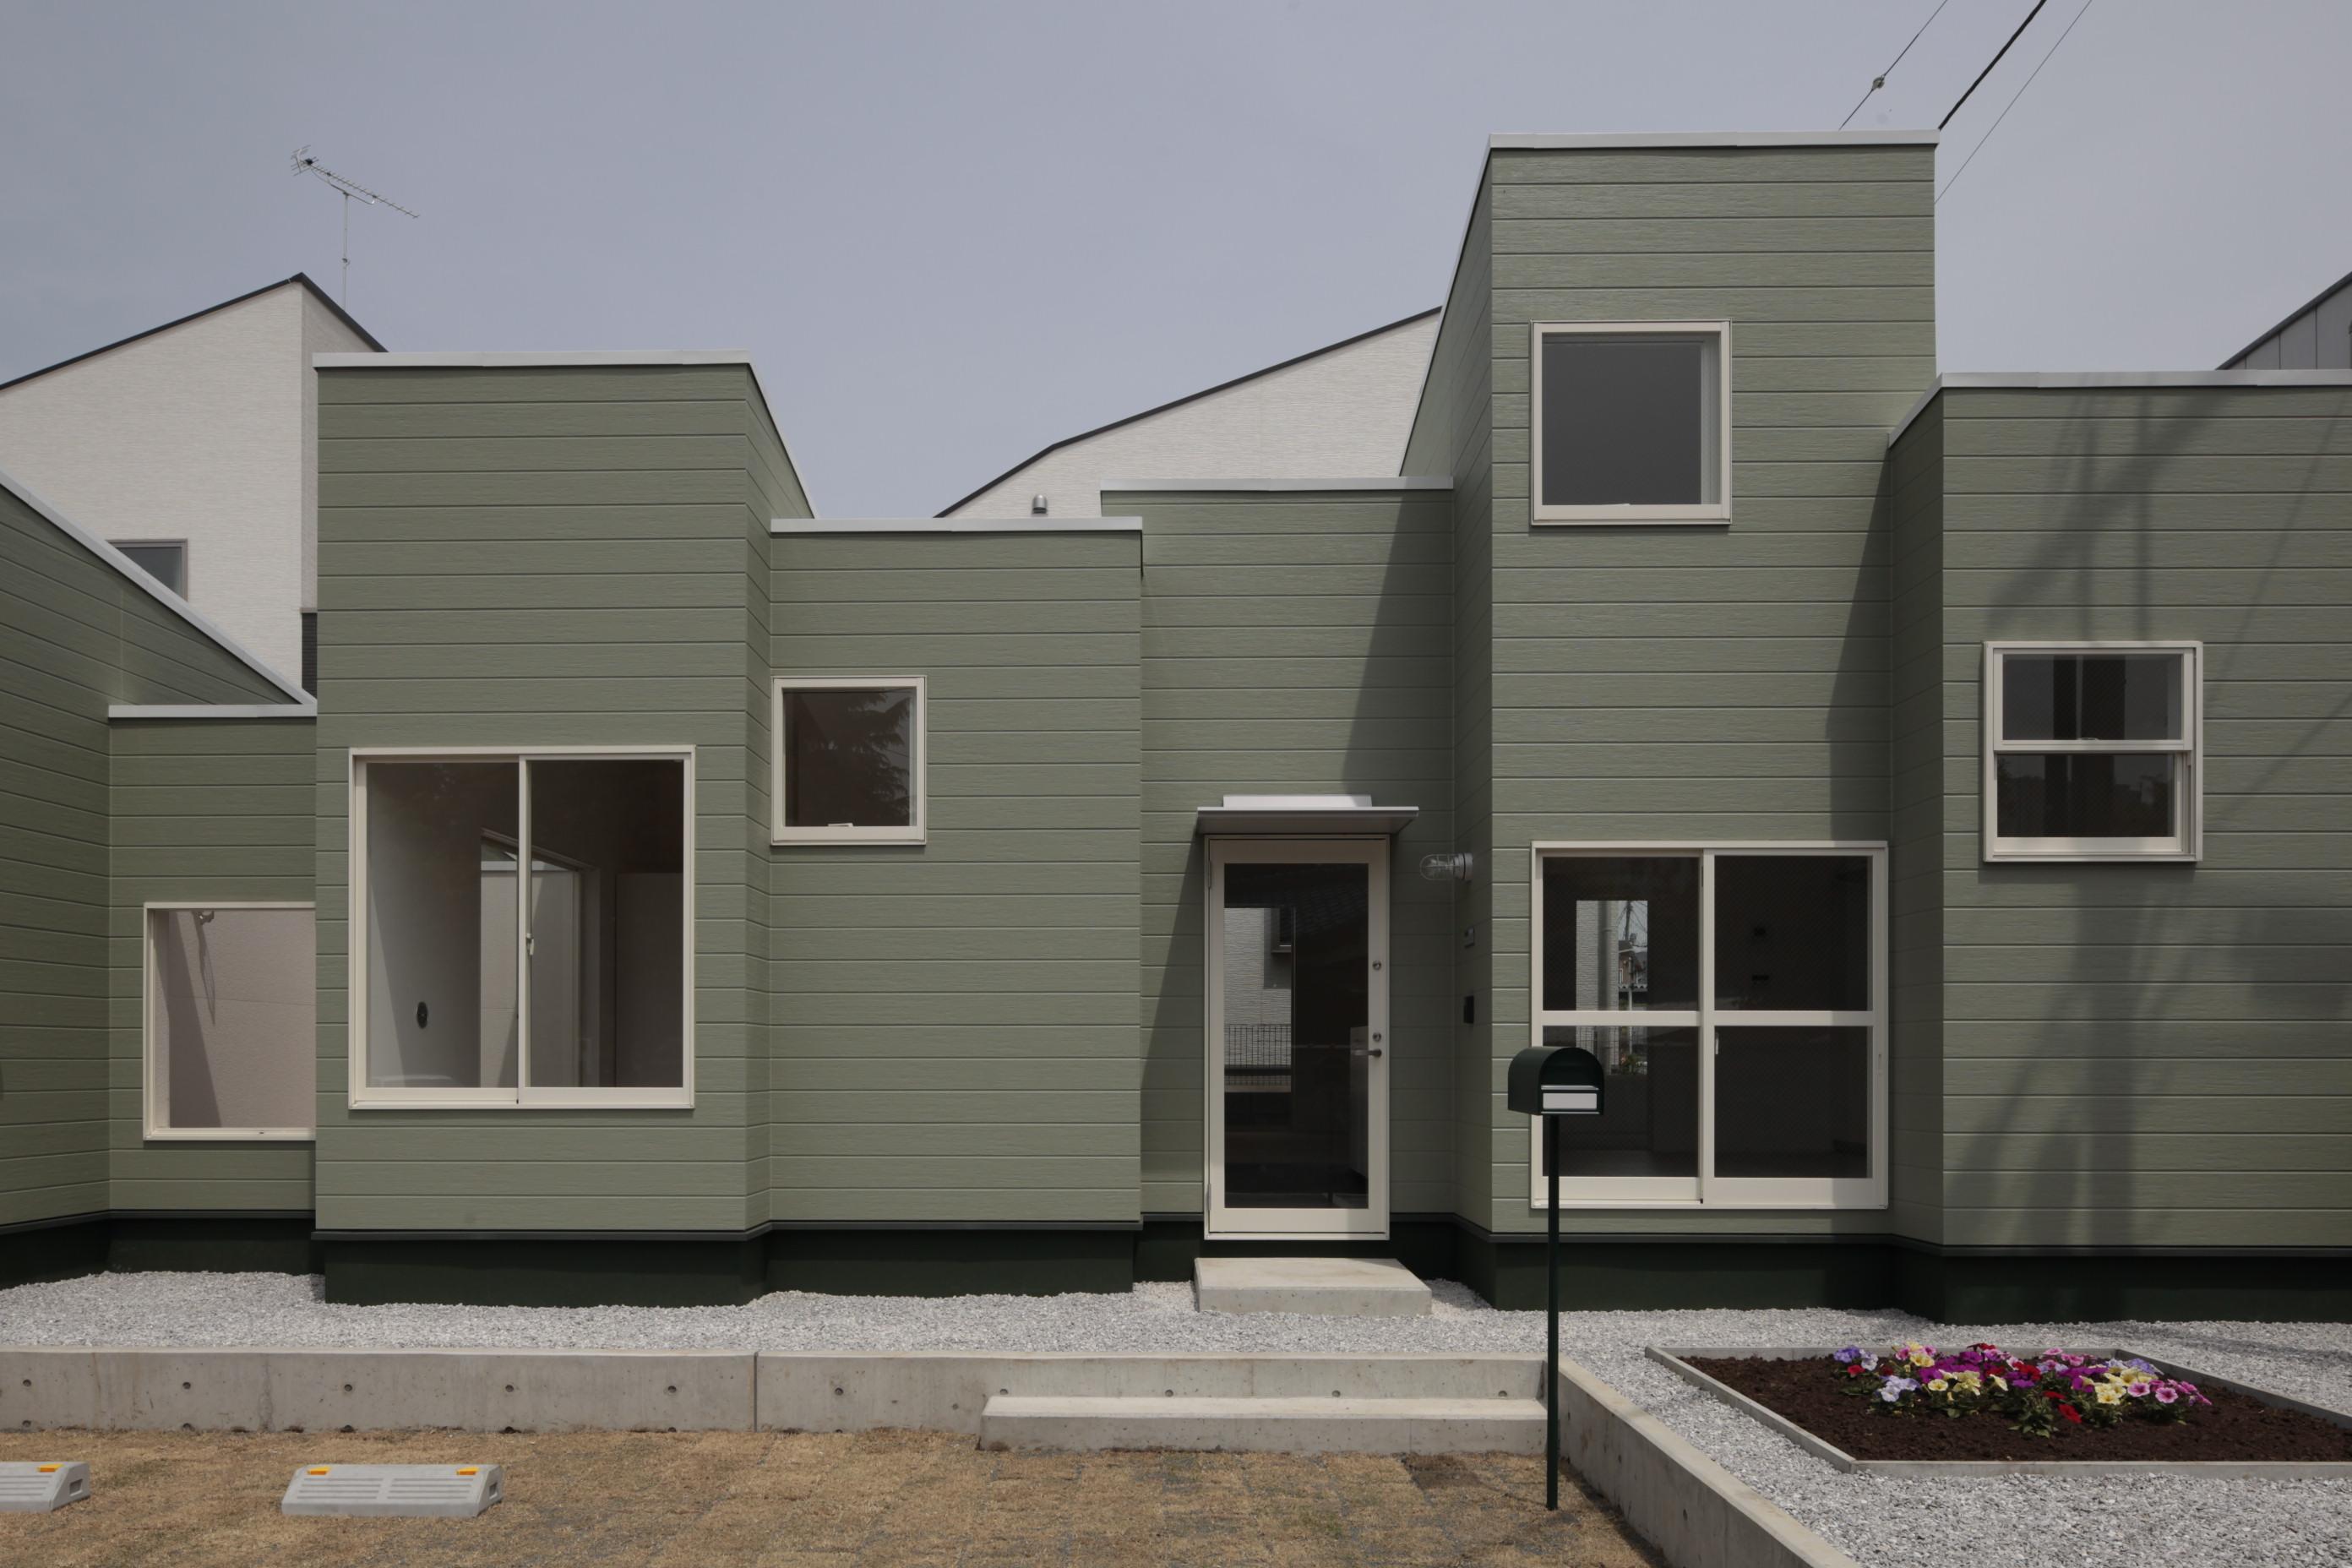 【PR】注文住宅のようなデザイン性と、機能美を兼ね備えたオクダ商事の賃貸住宅「DESIGNPROJECT」